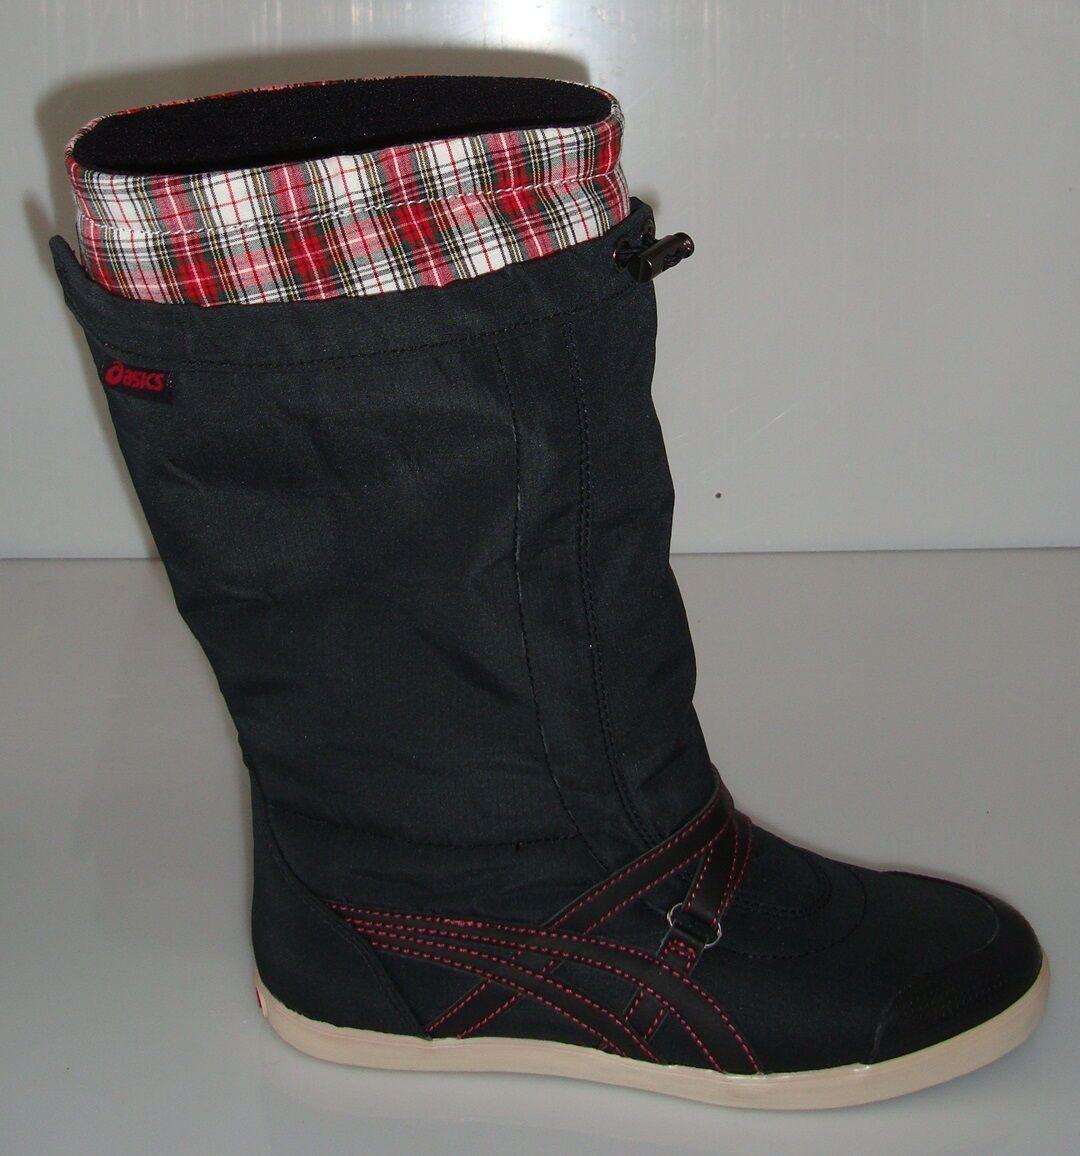 Stivali ASICS cod. H992N JENNA boot donna | eBay